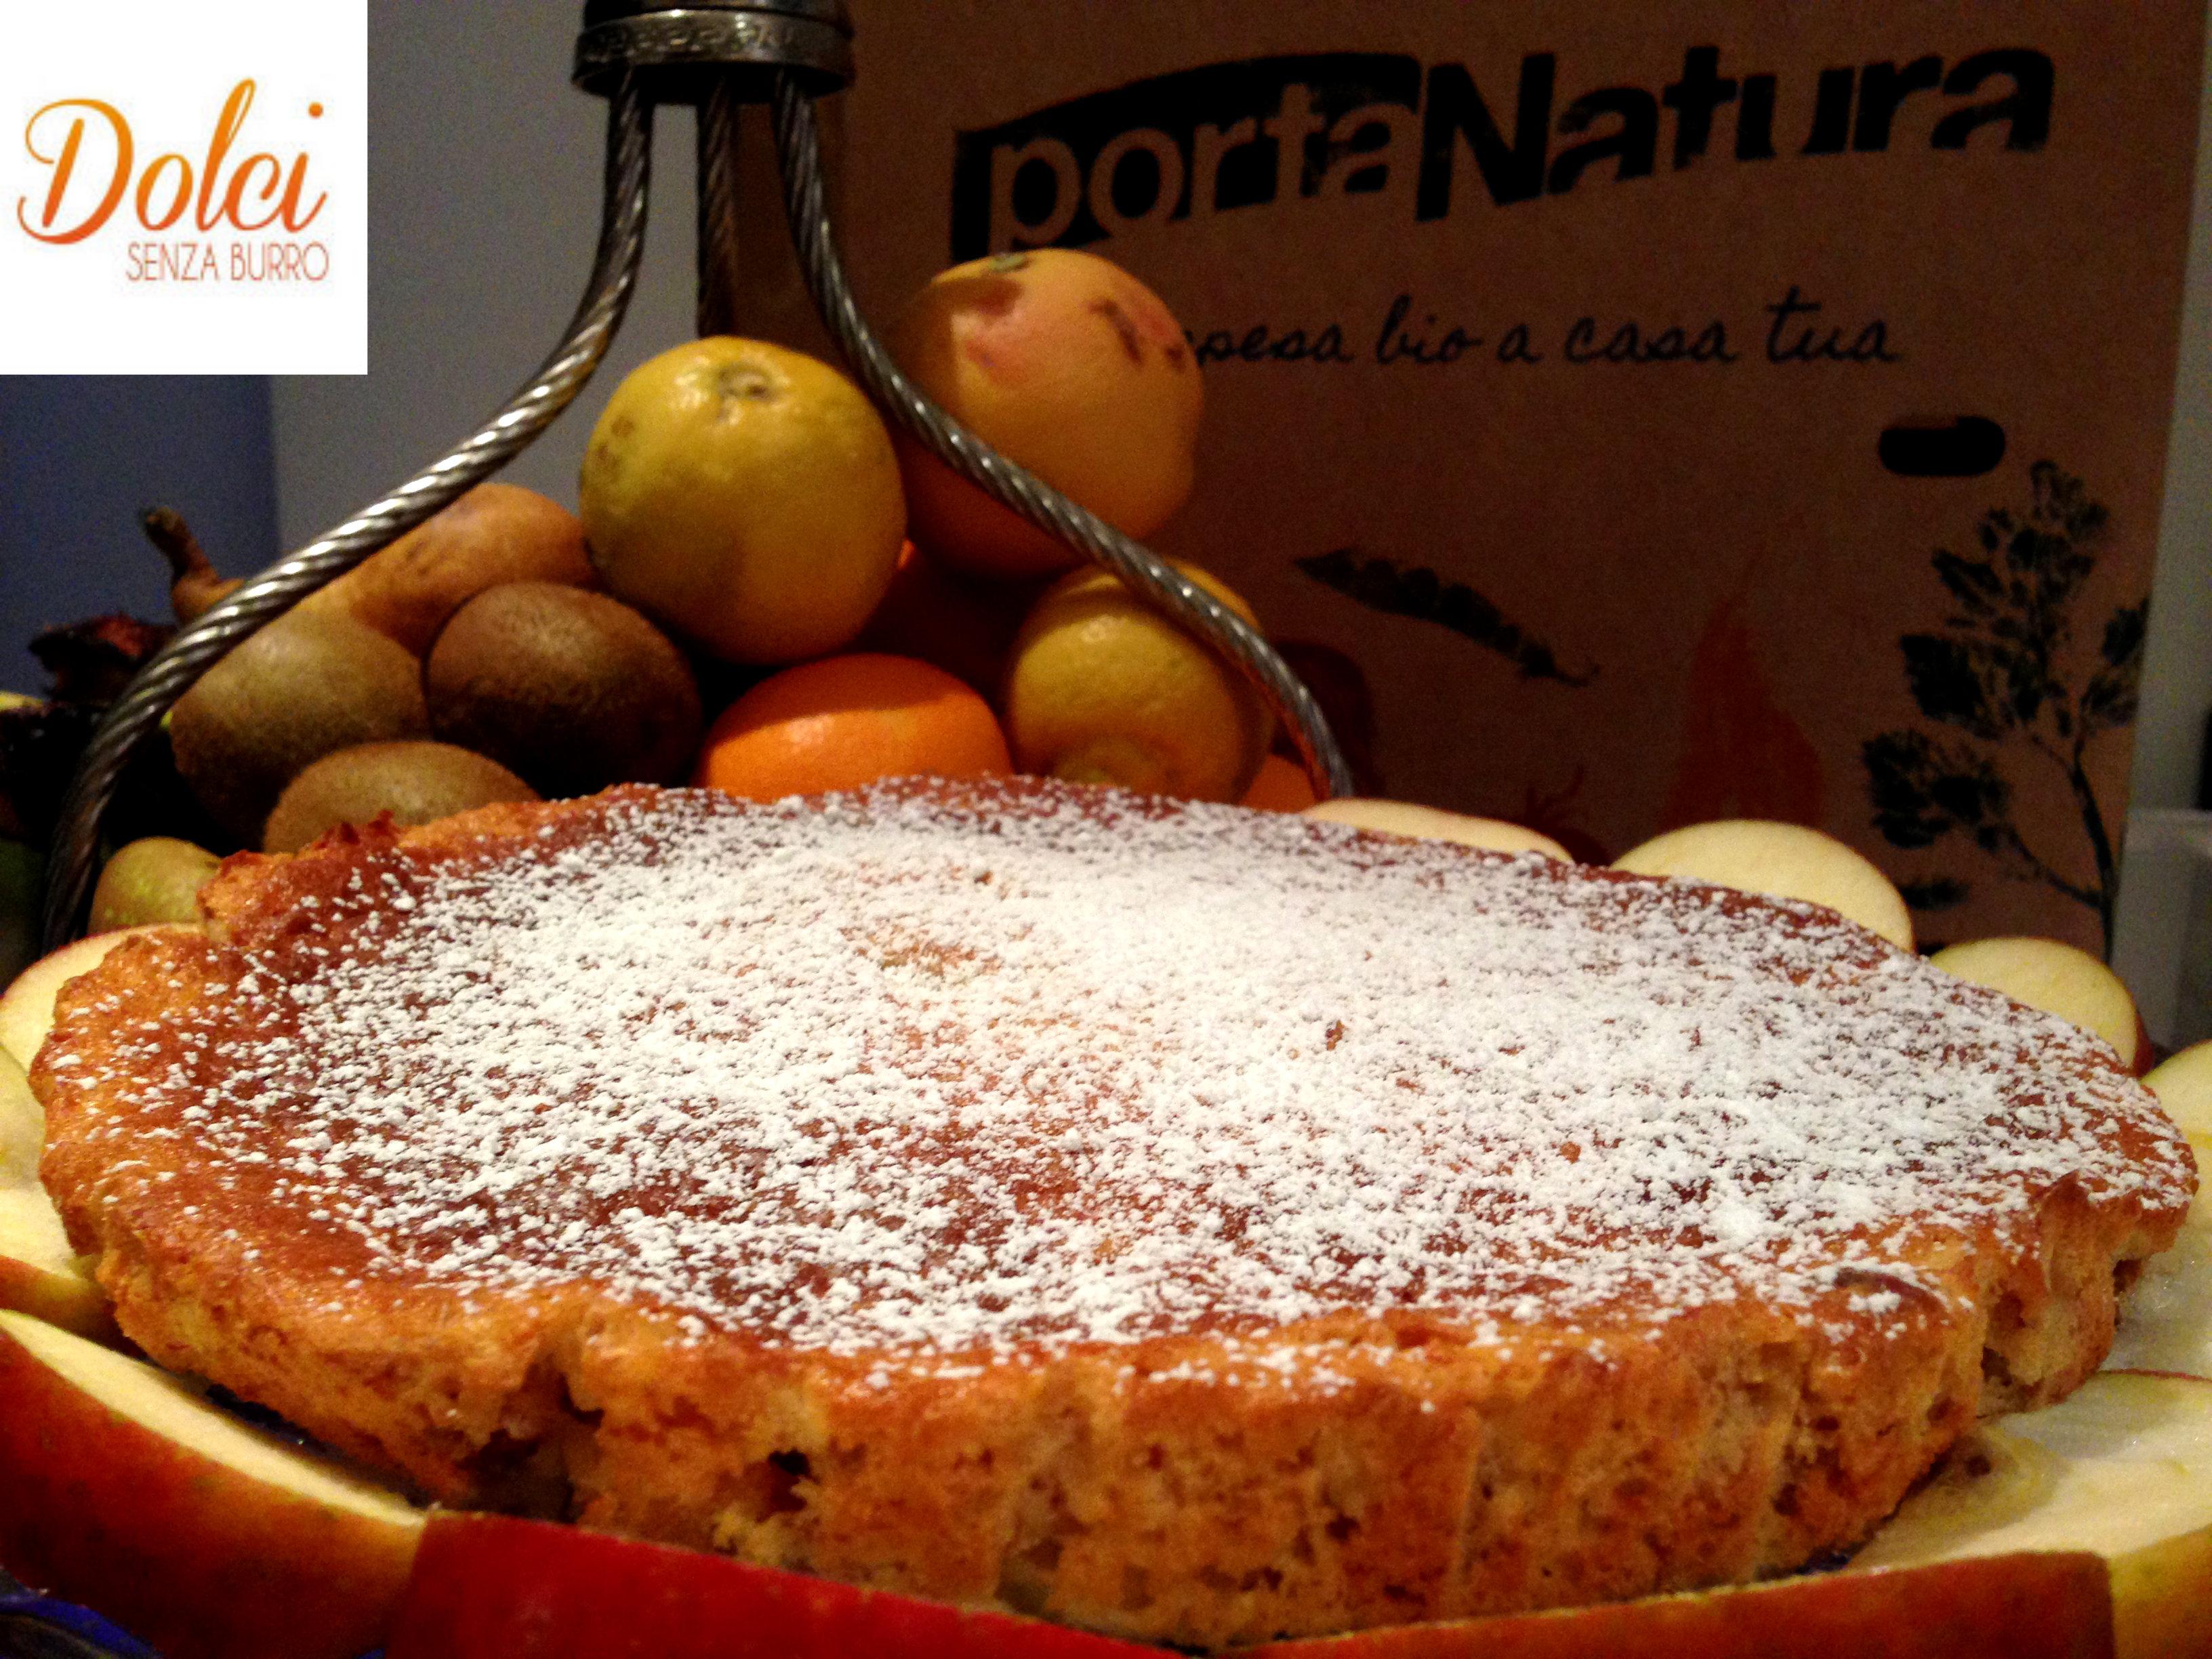 Torta di Frutta Senza Burro, il dolce senza lattosio di Dolci Senza Burro